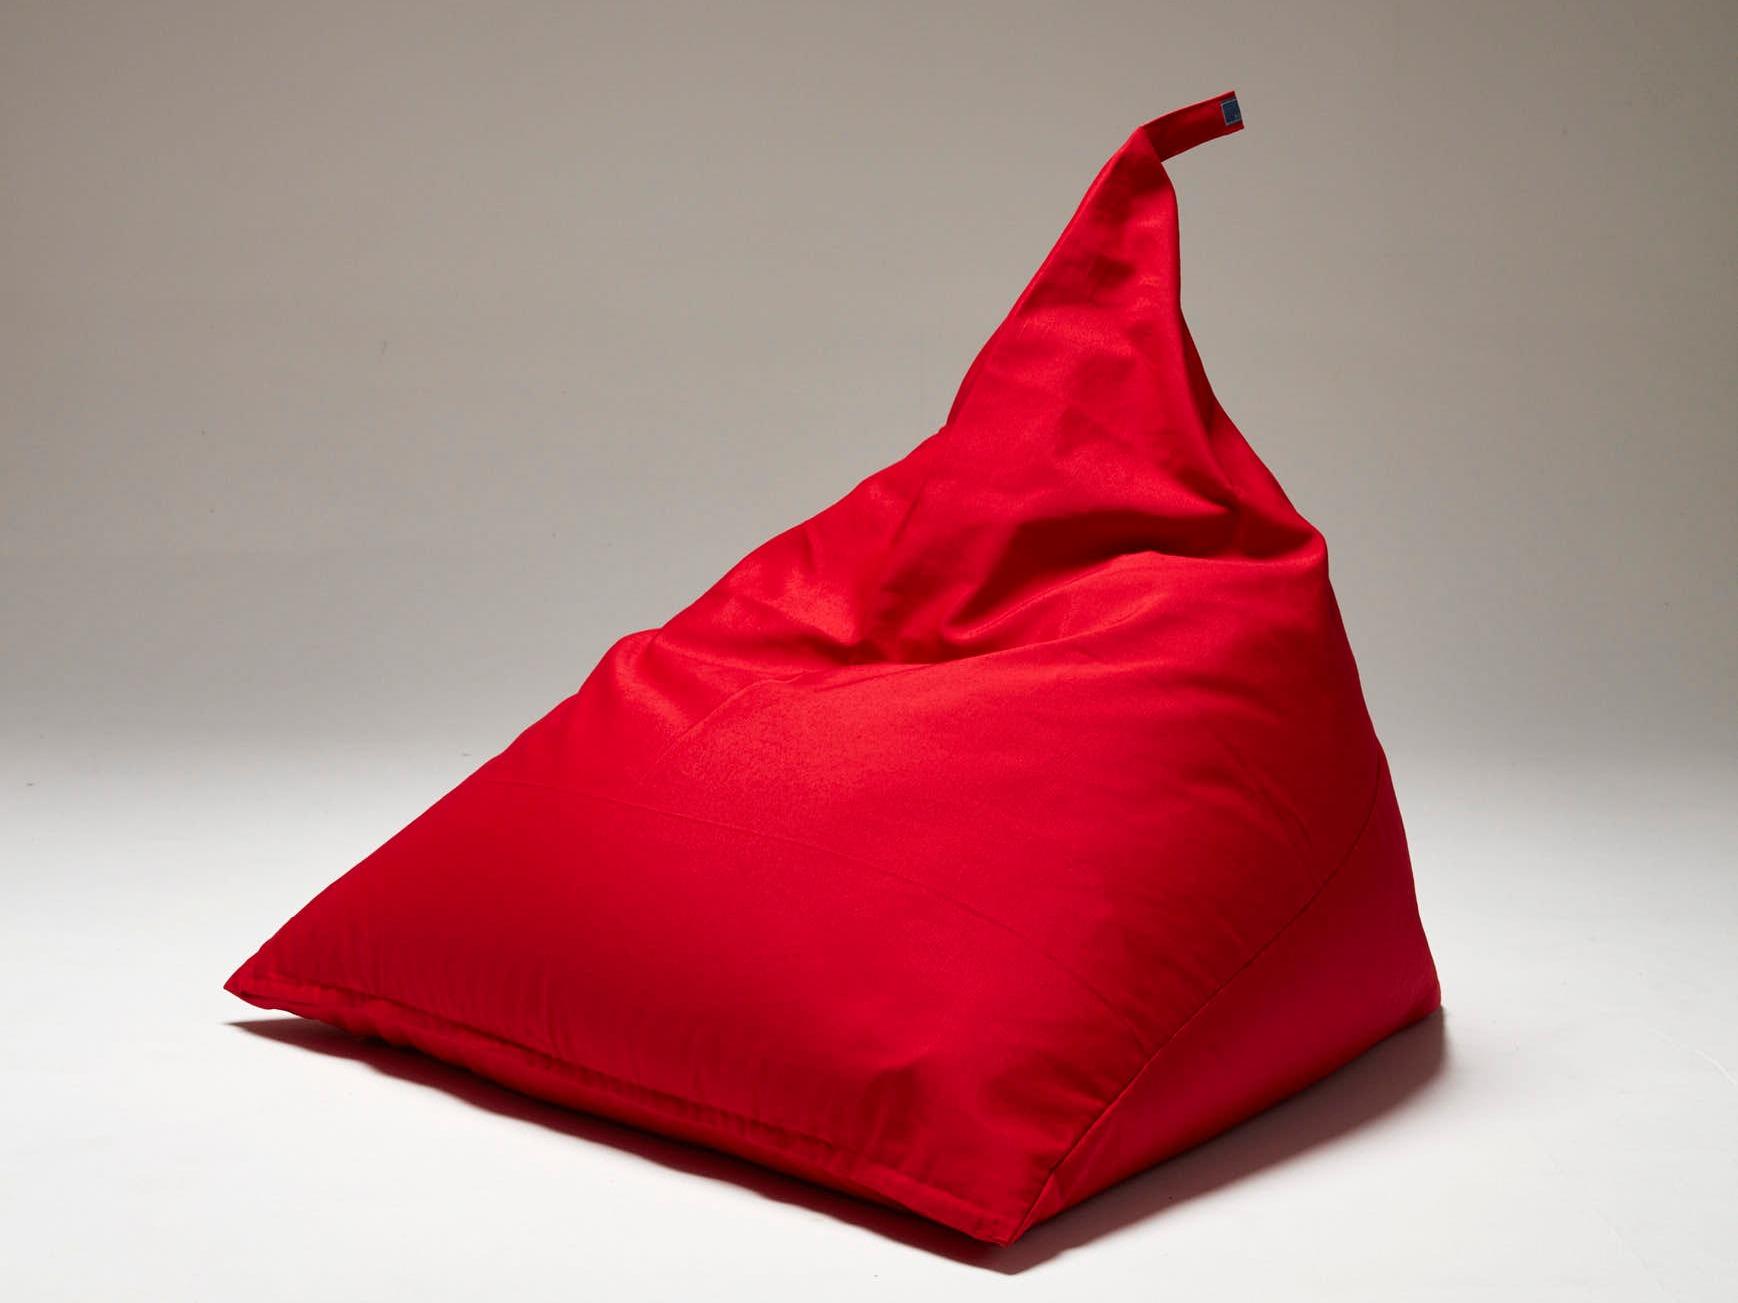 Pouf A Rojo